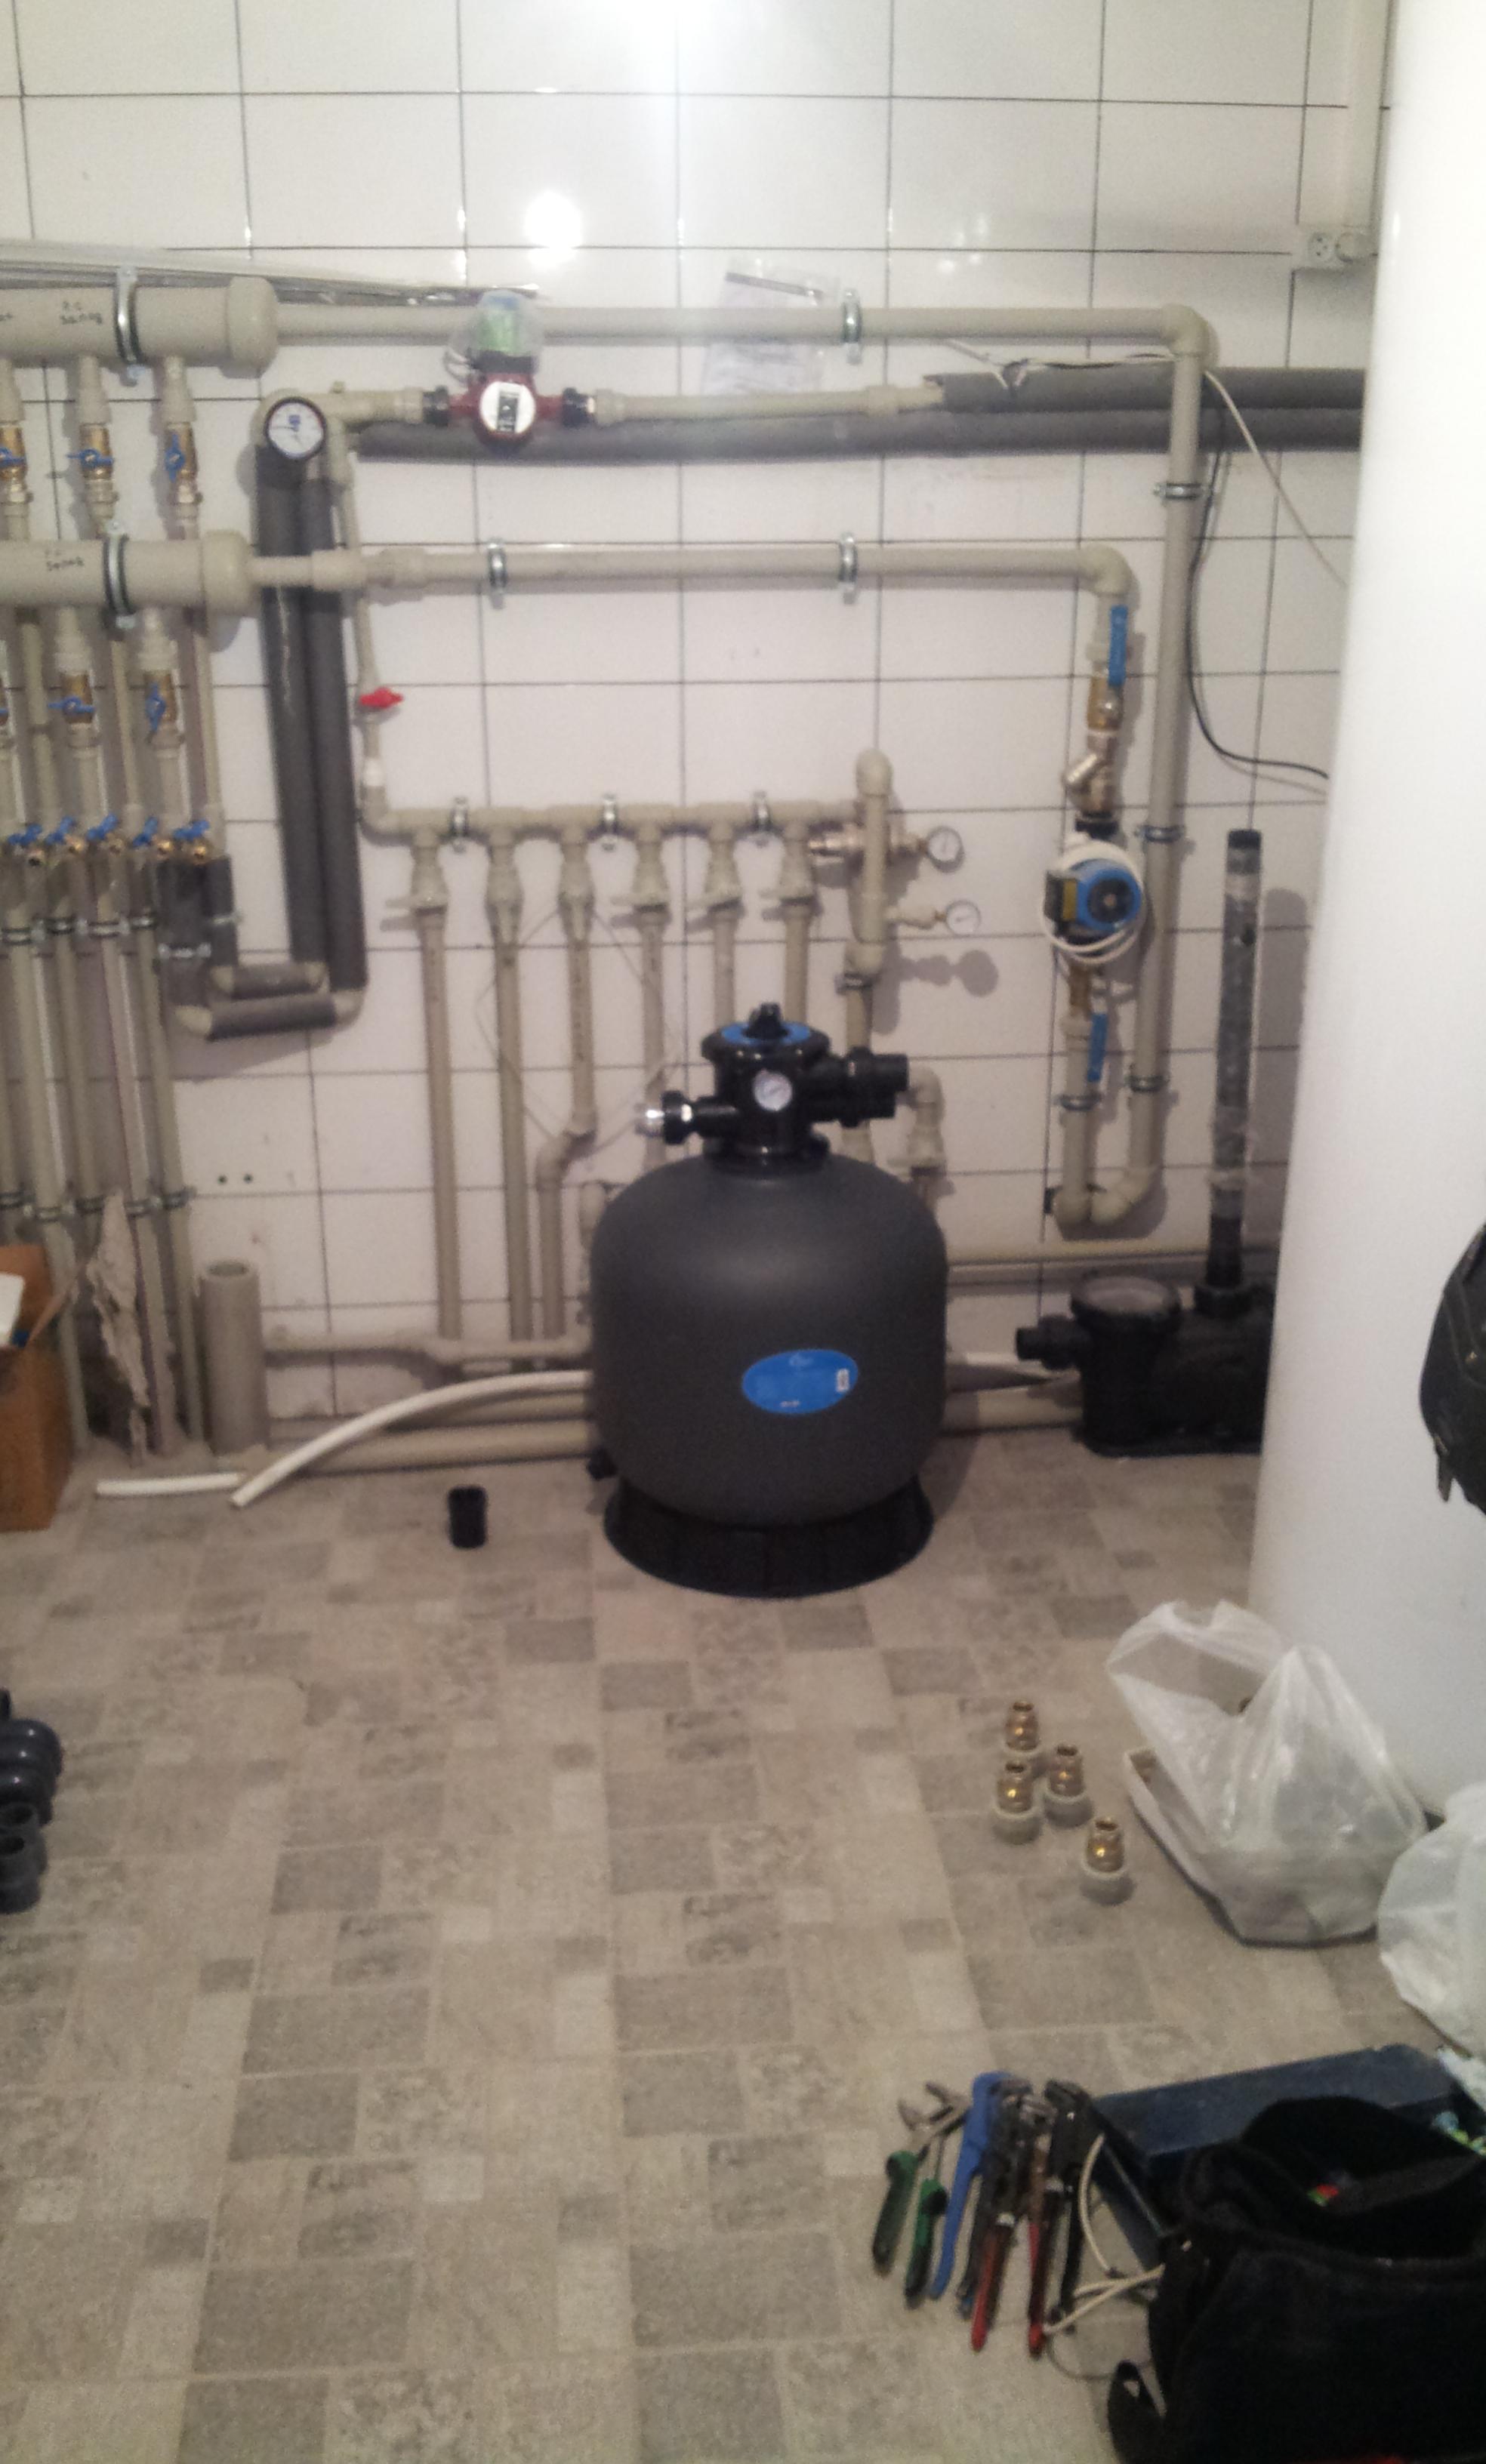 Фото Собрал весь элеватор в подвале частного дома . Крыжановка. Узлы :холодная горячая вода,отопление,фильтр бассейна,бойлеры.